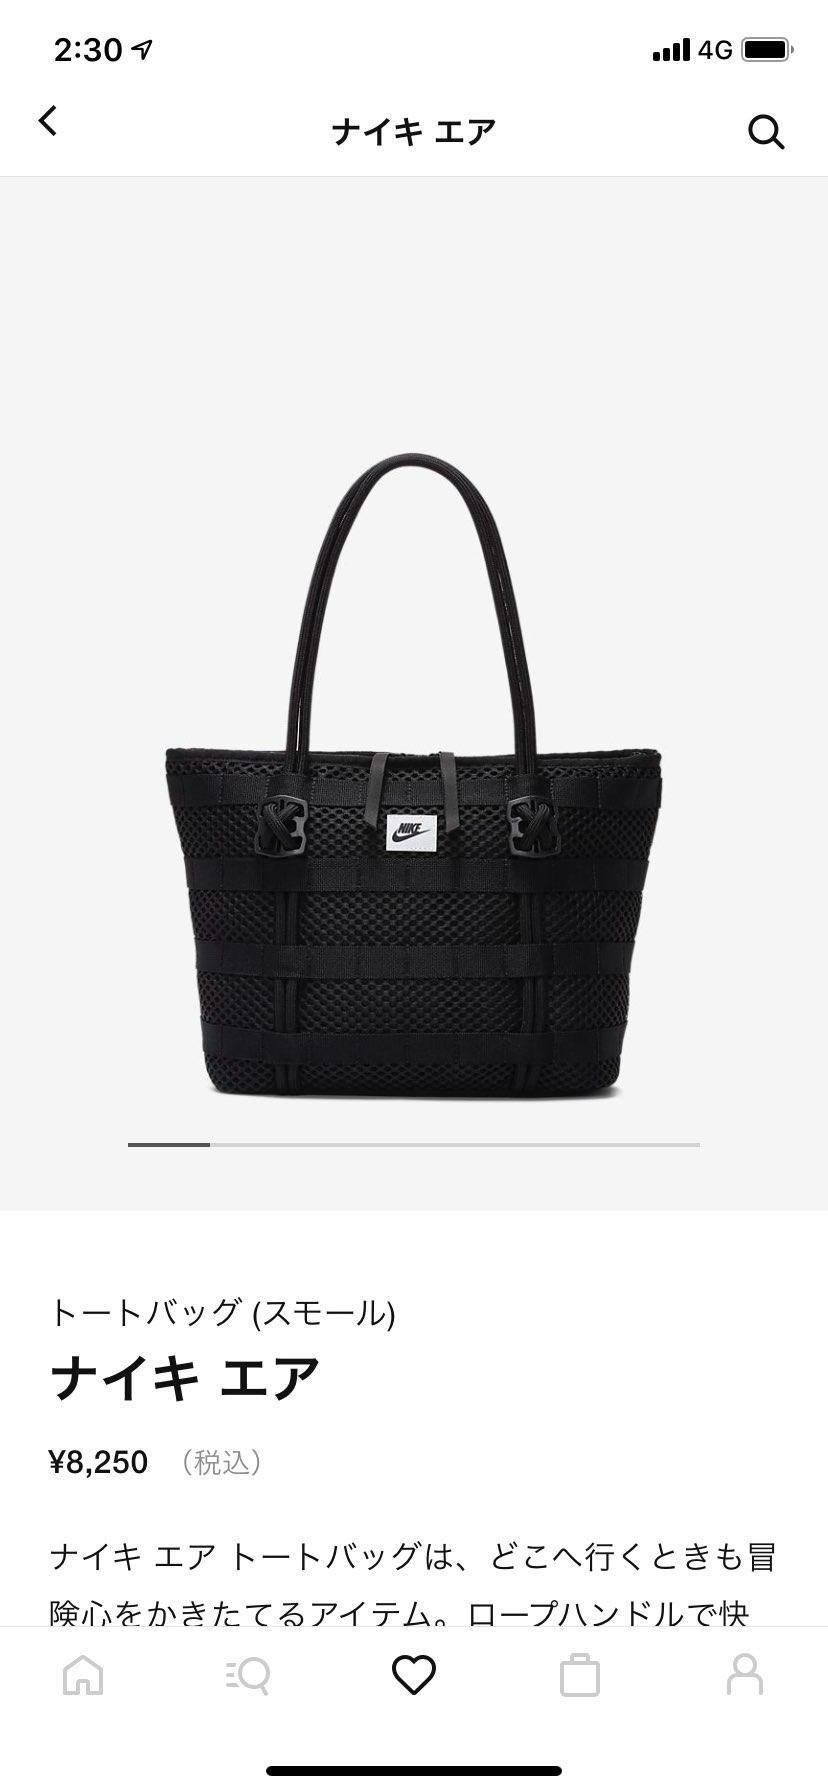 手持ち型のバッグが好きなのですが、入り口にジッパーがないとどうしても落ち着かなく